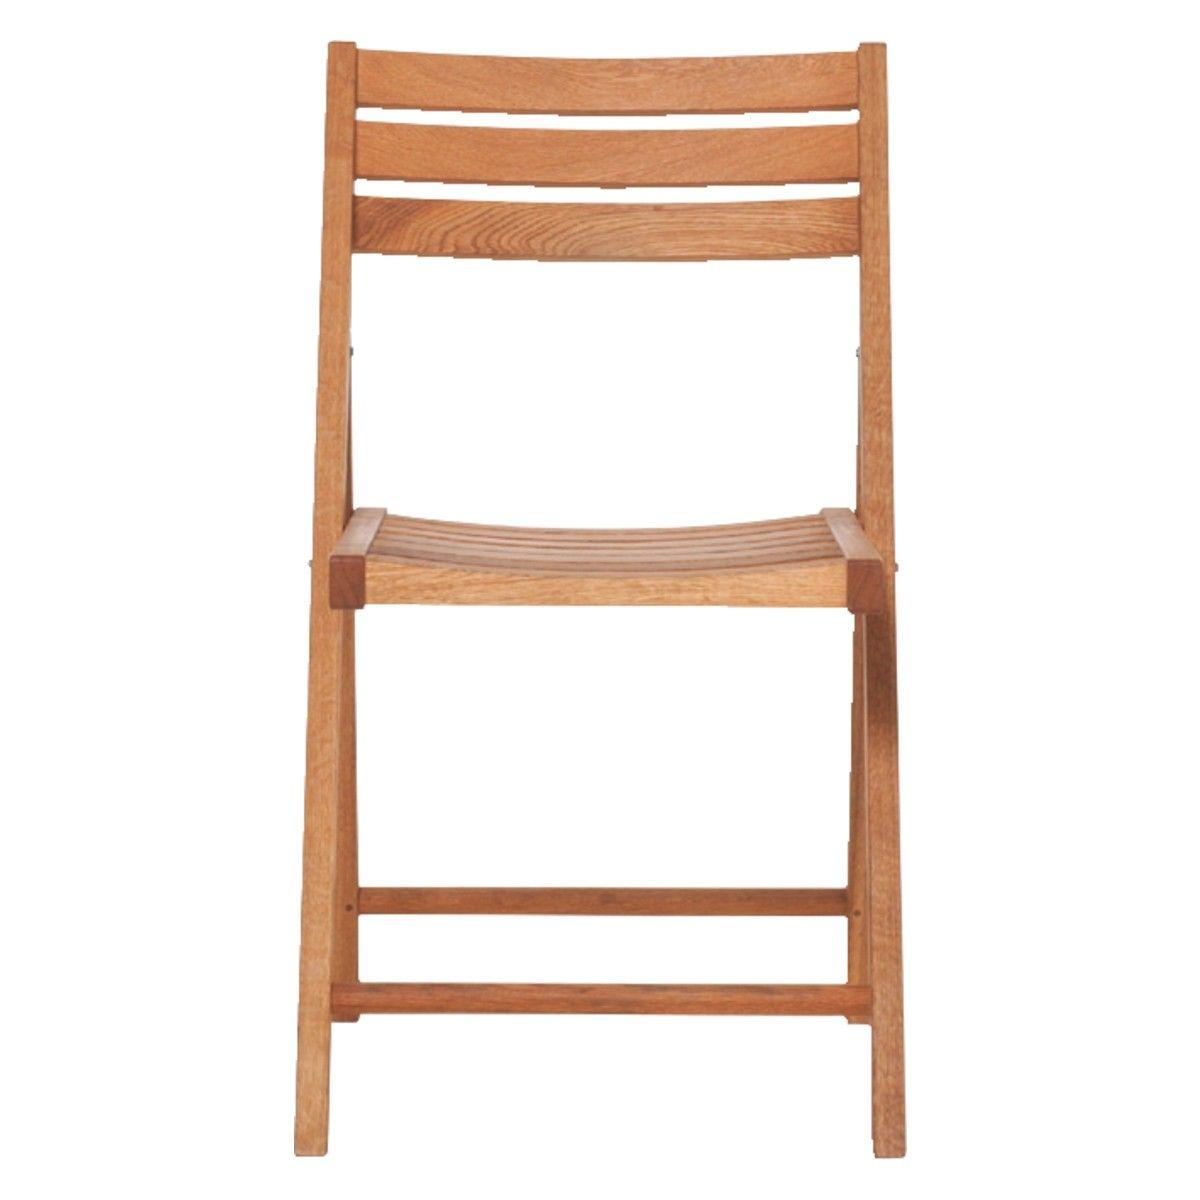 Wondrous Zeno Solid Oak Folding Garden Chair Furniture Folding Alphanode Cool Chair Designs And Ideas Alphanodeonline